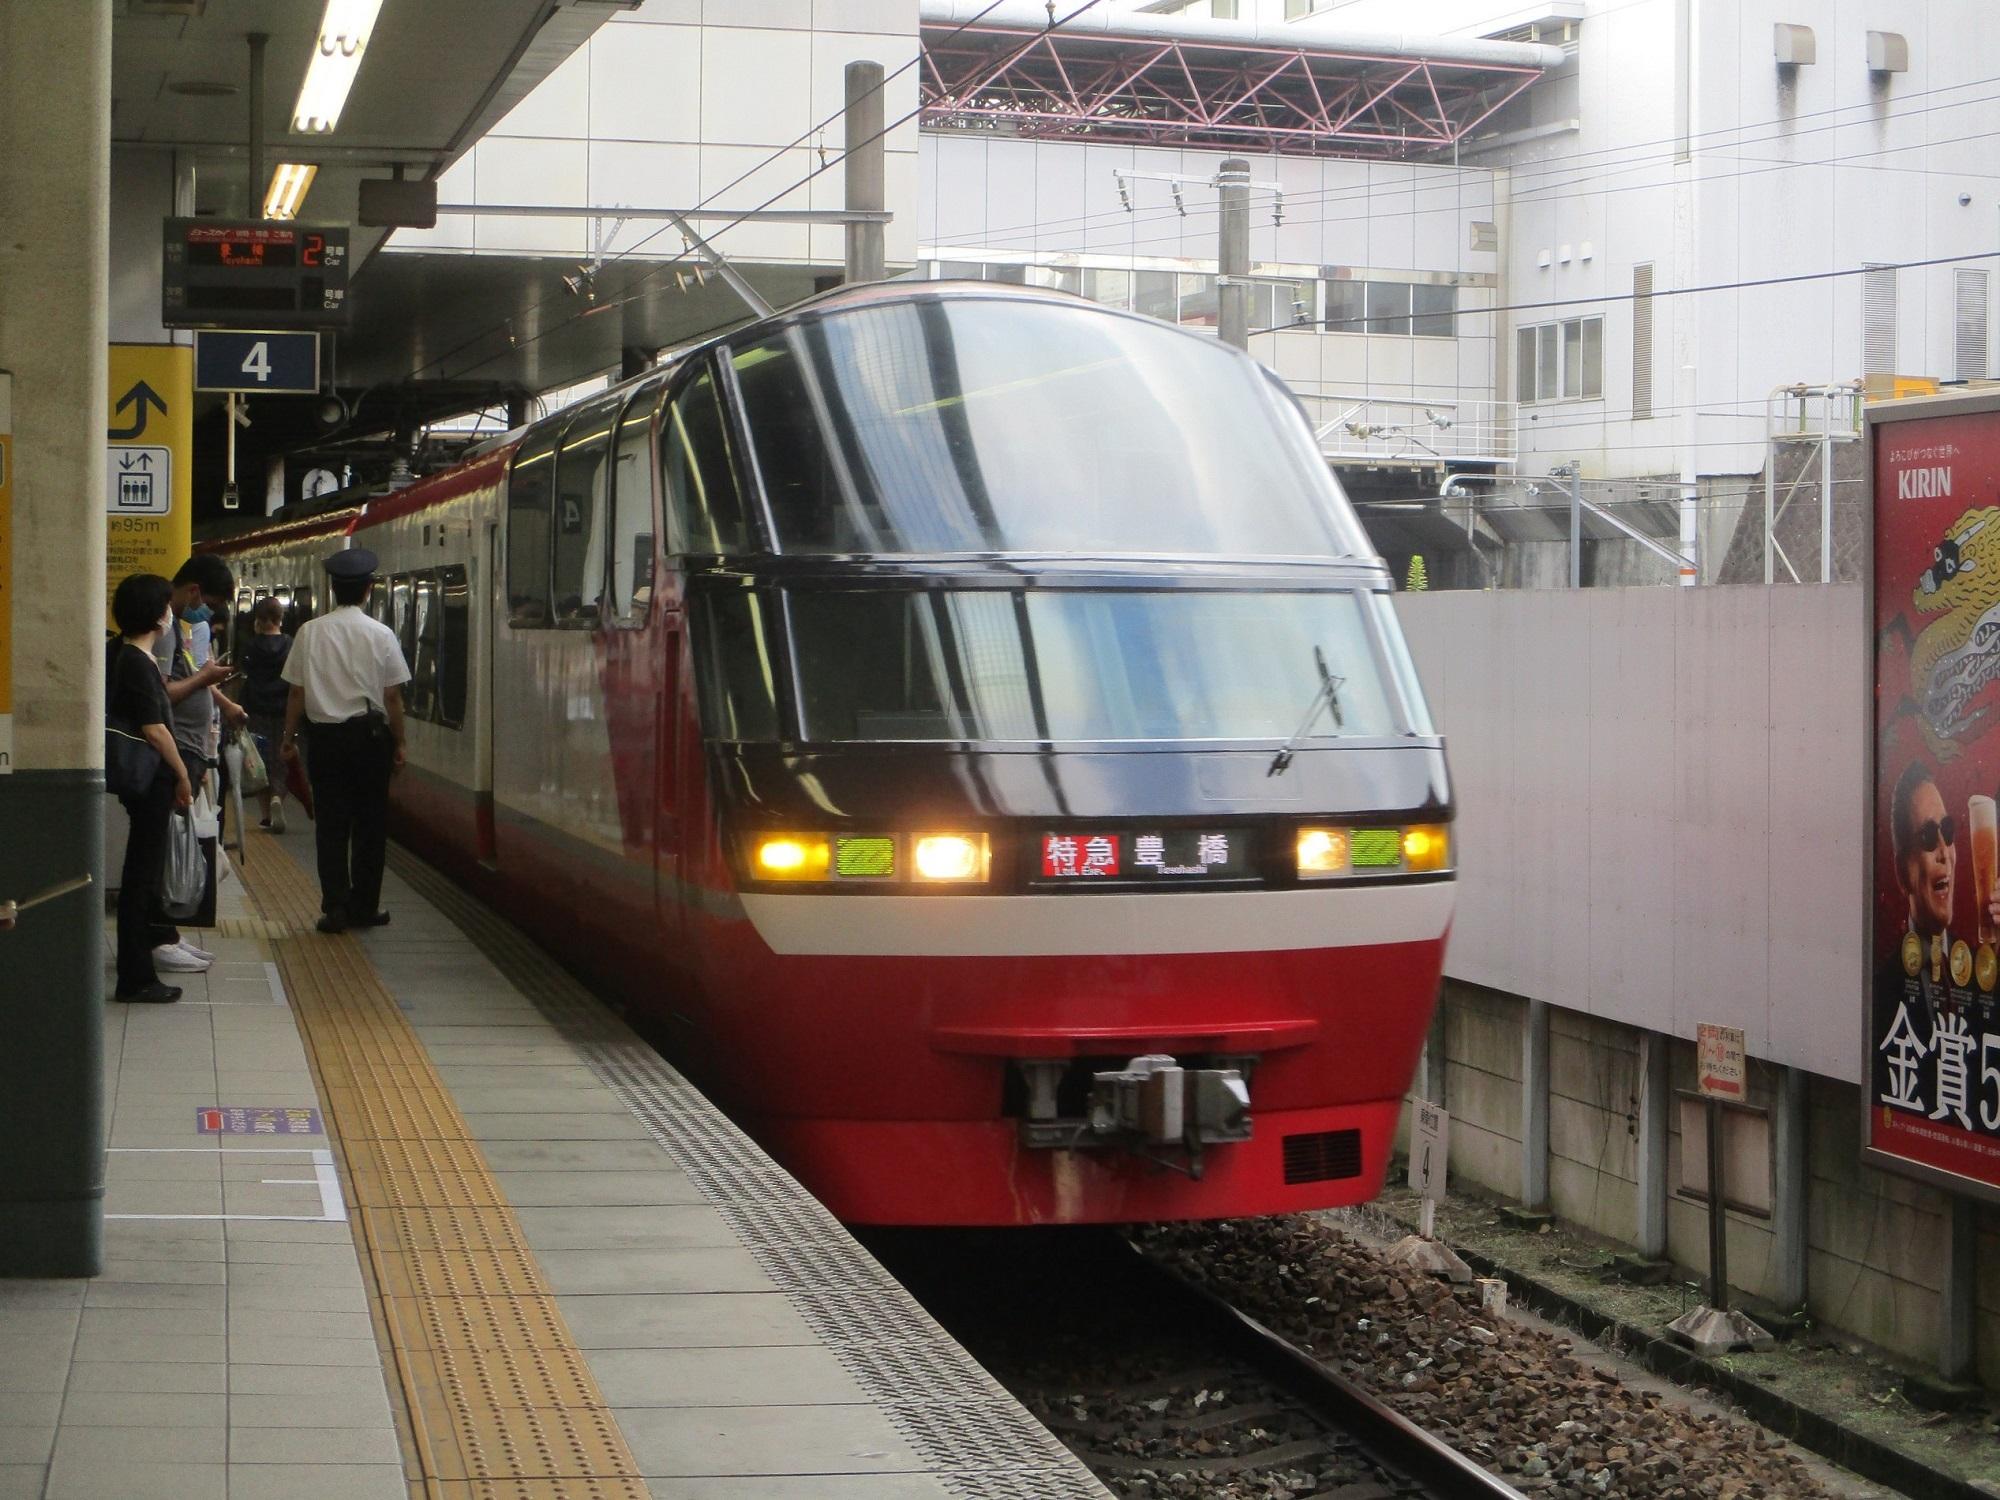 2020.7.5 (54) 金山 - 豊橋いき特急 2000-1500